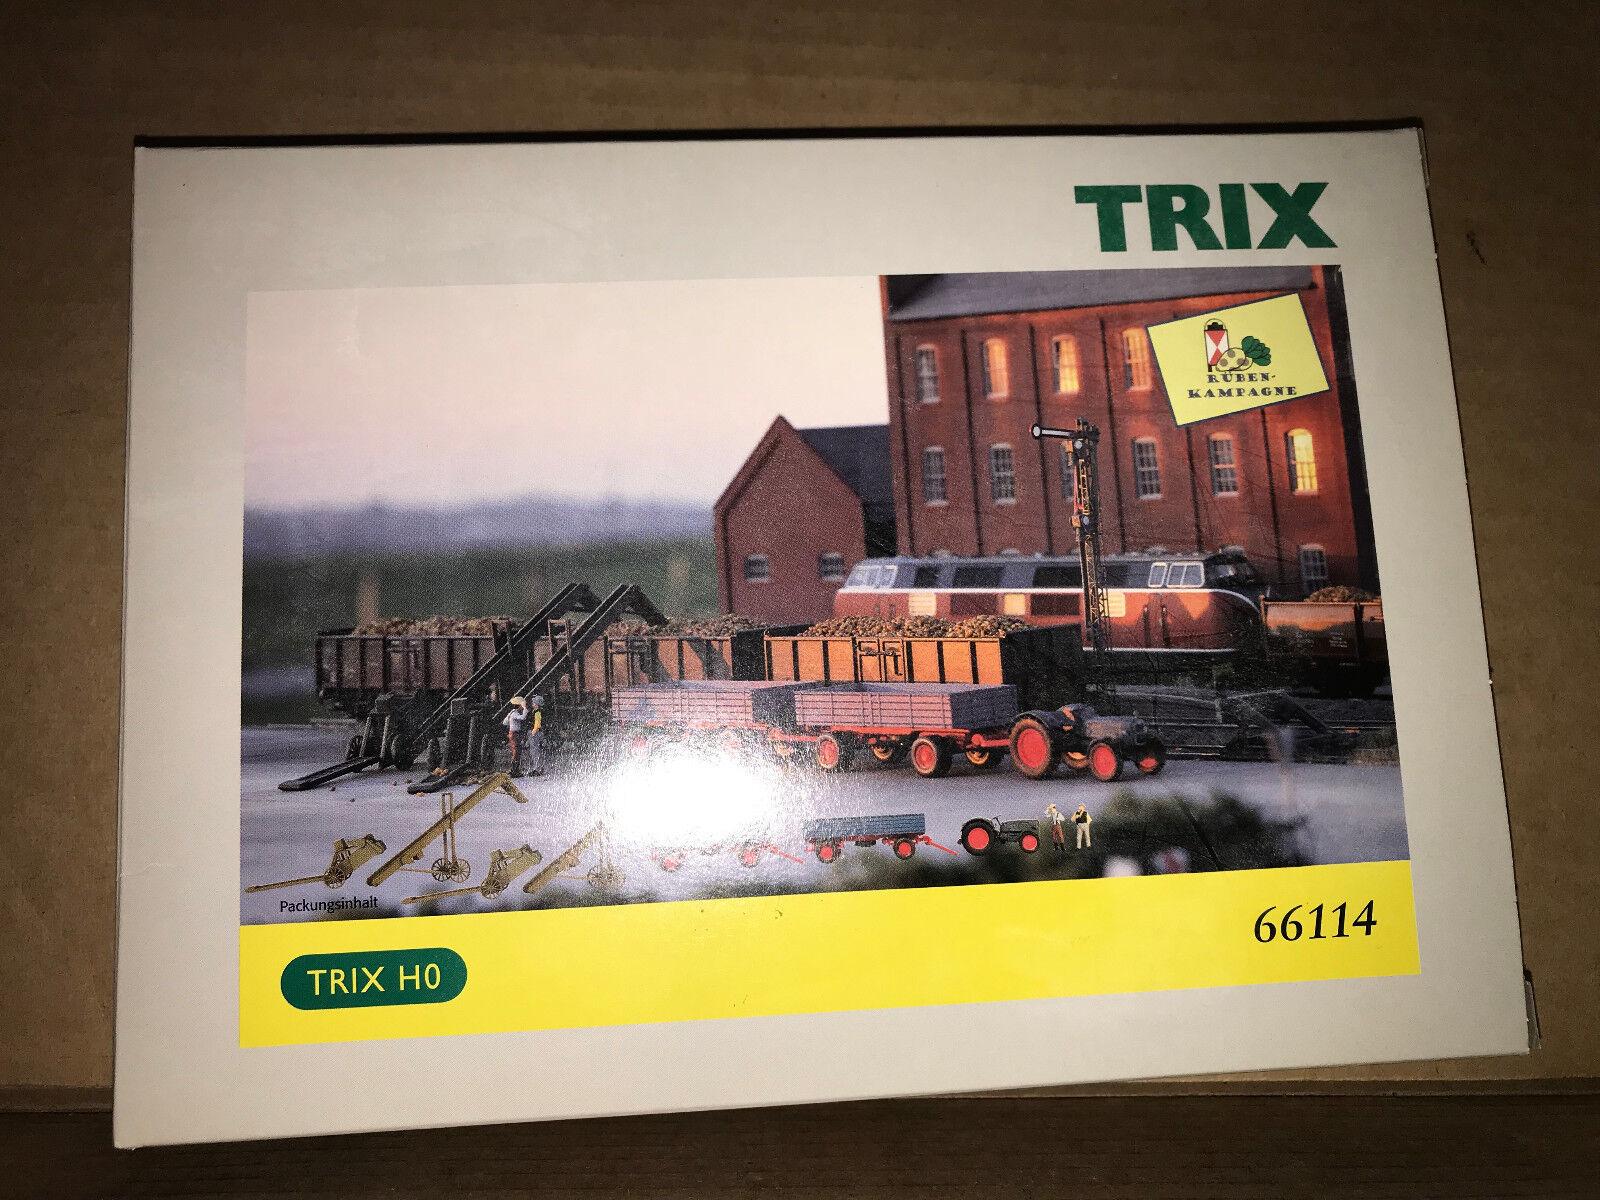 TRIX 66114, Piste h0, Accessoires-Set Sucrerie NEUF  neuf dans sa boîte